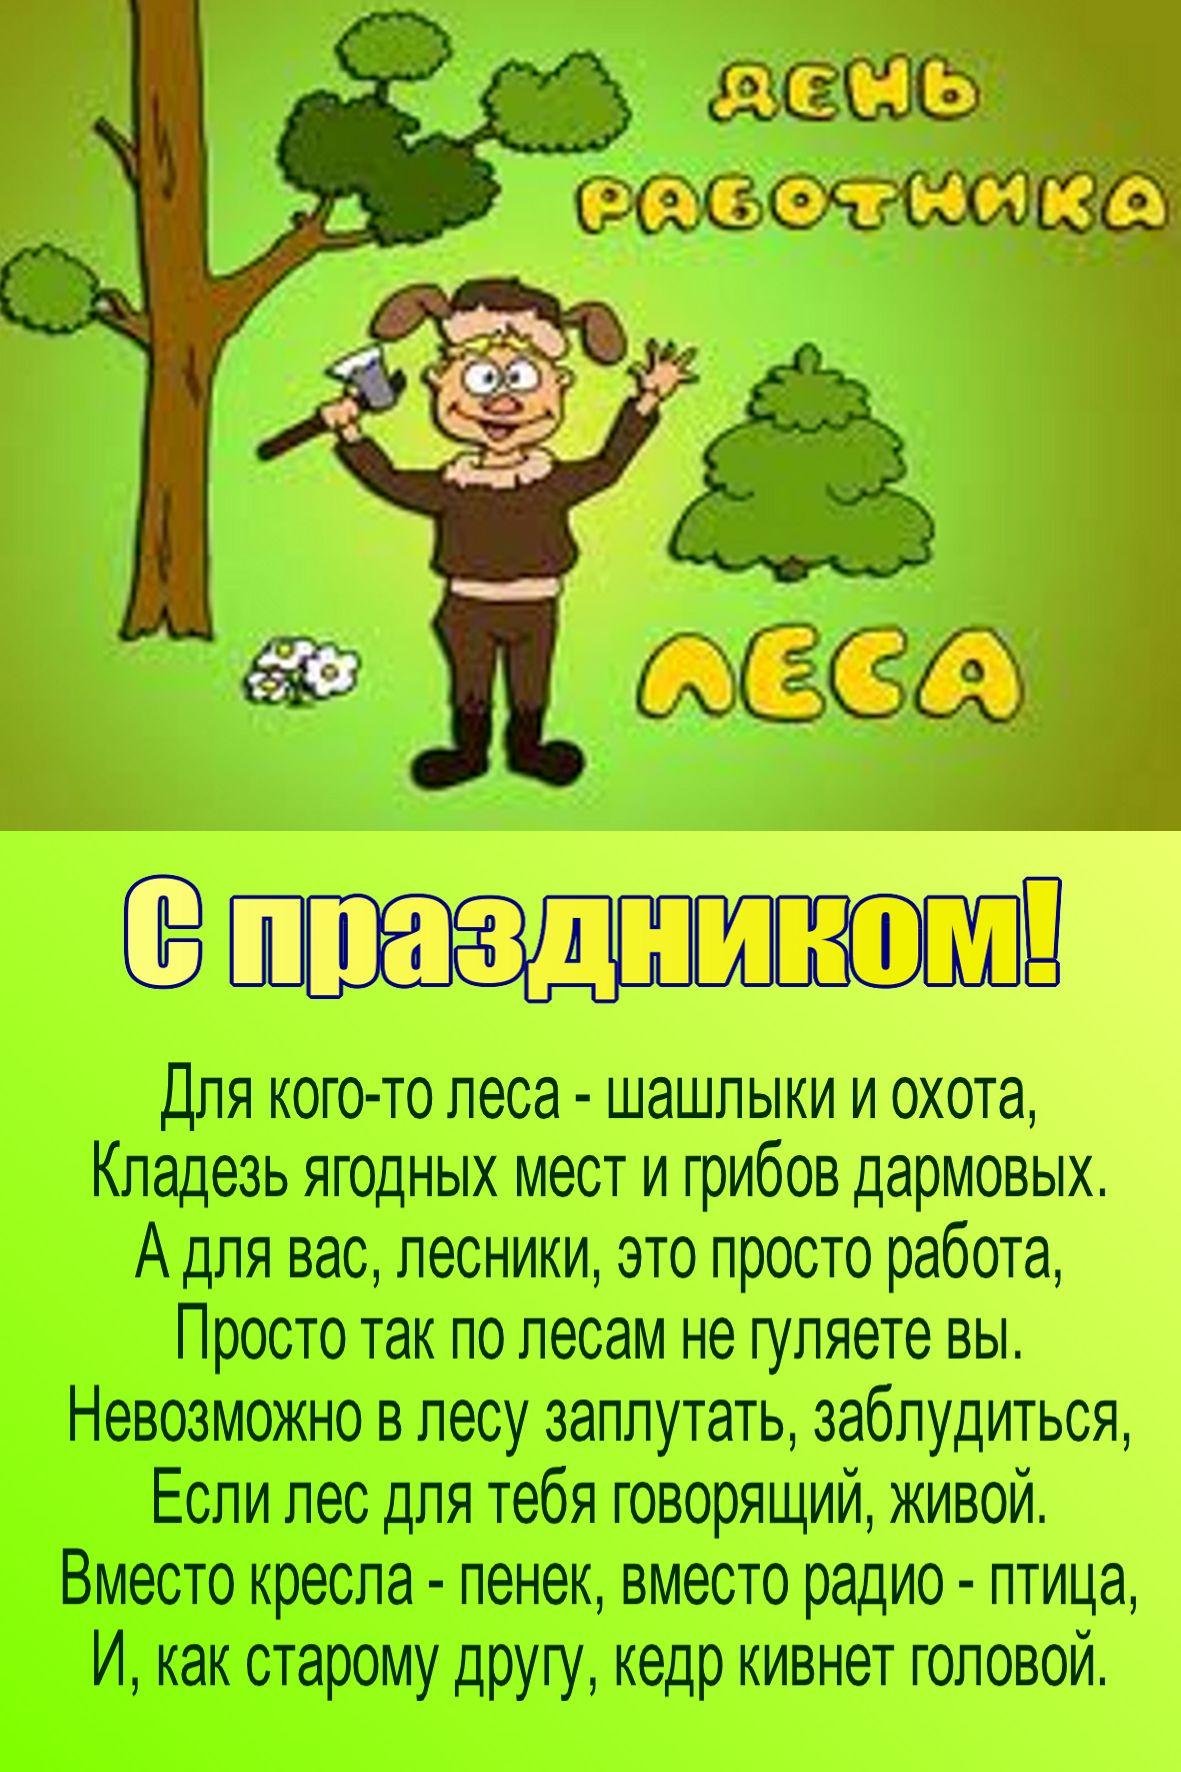 День работников леса картинки прикольные, днем елены черно